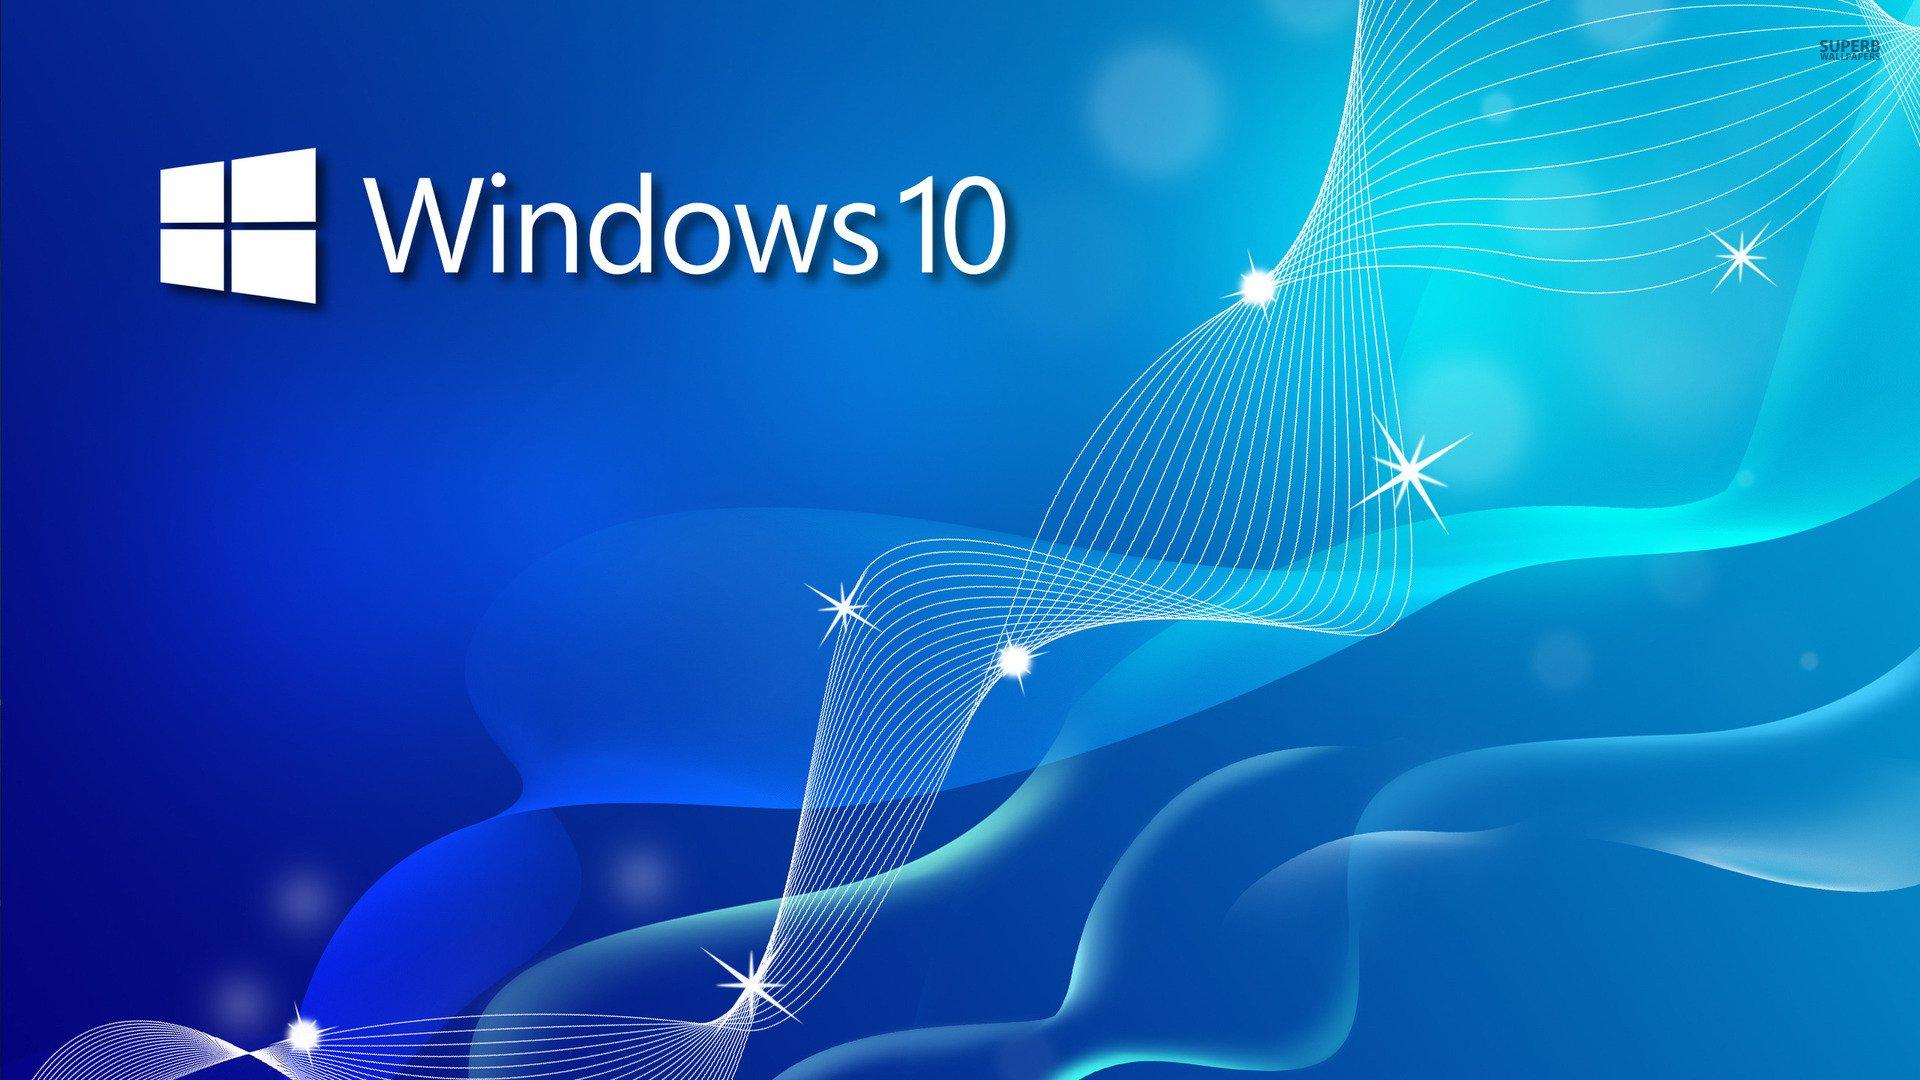 Windows 10 full hd wallpaper wallpapersafari for Wallpaper home full hd